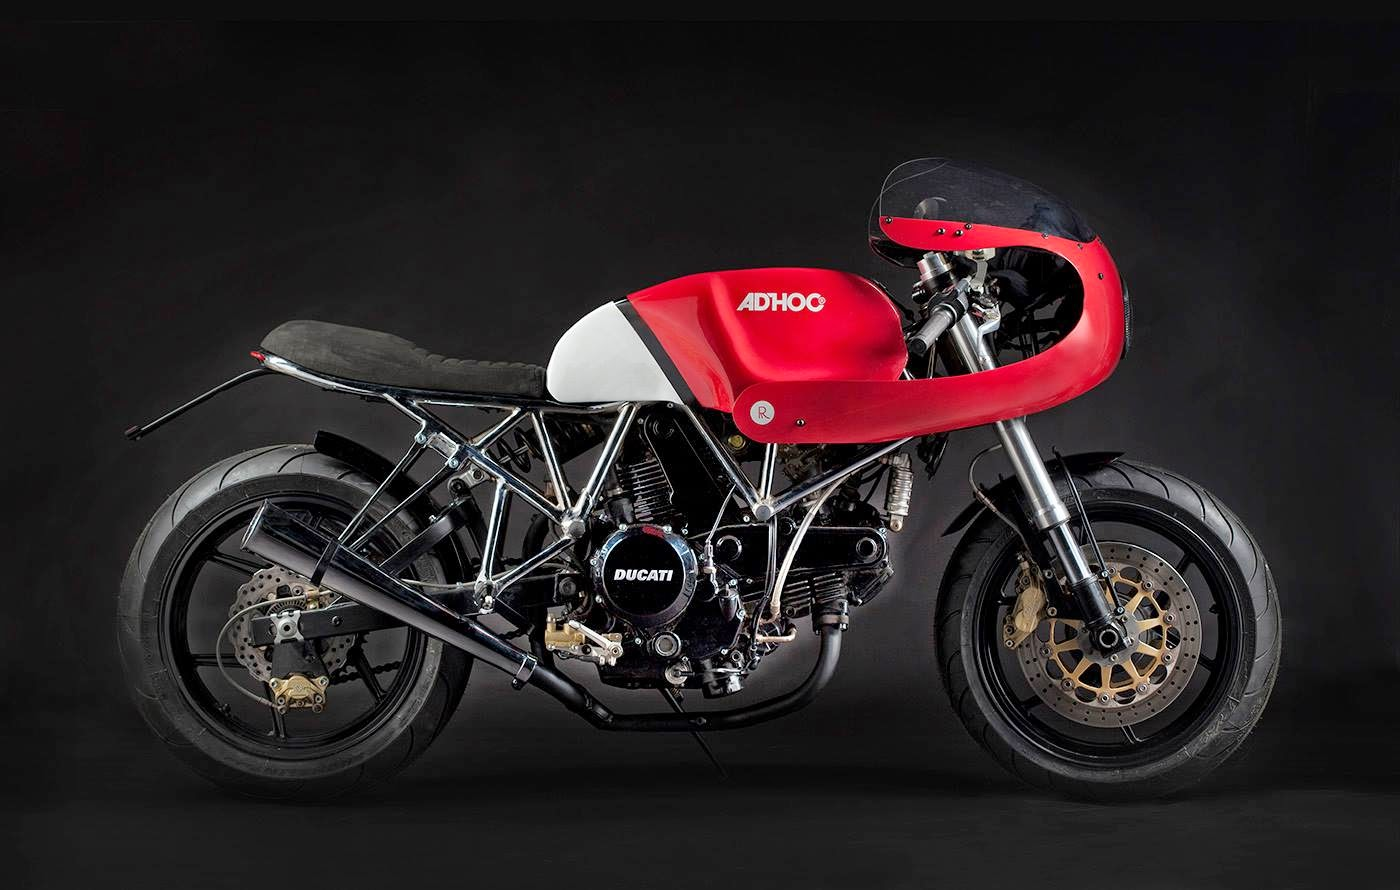 Racing Caf U00e8  Ducati 750 Ss 2004  U0026quot Adroca U0026quot  By Ad Hoc Caf U00e8 Racers